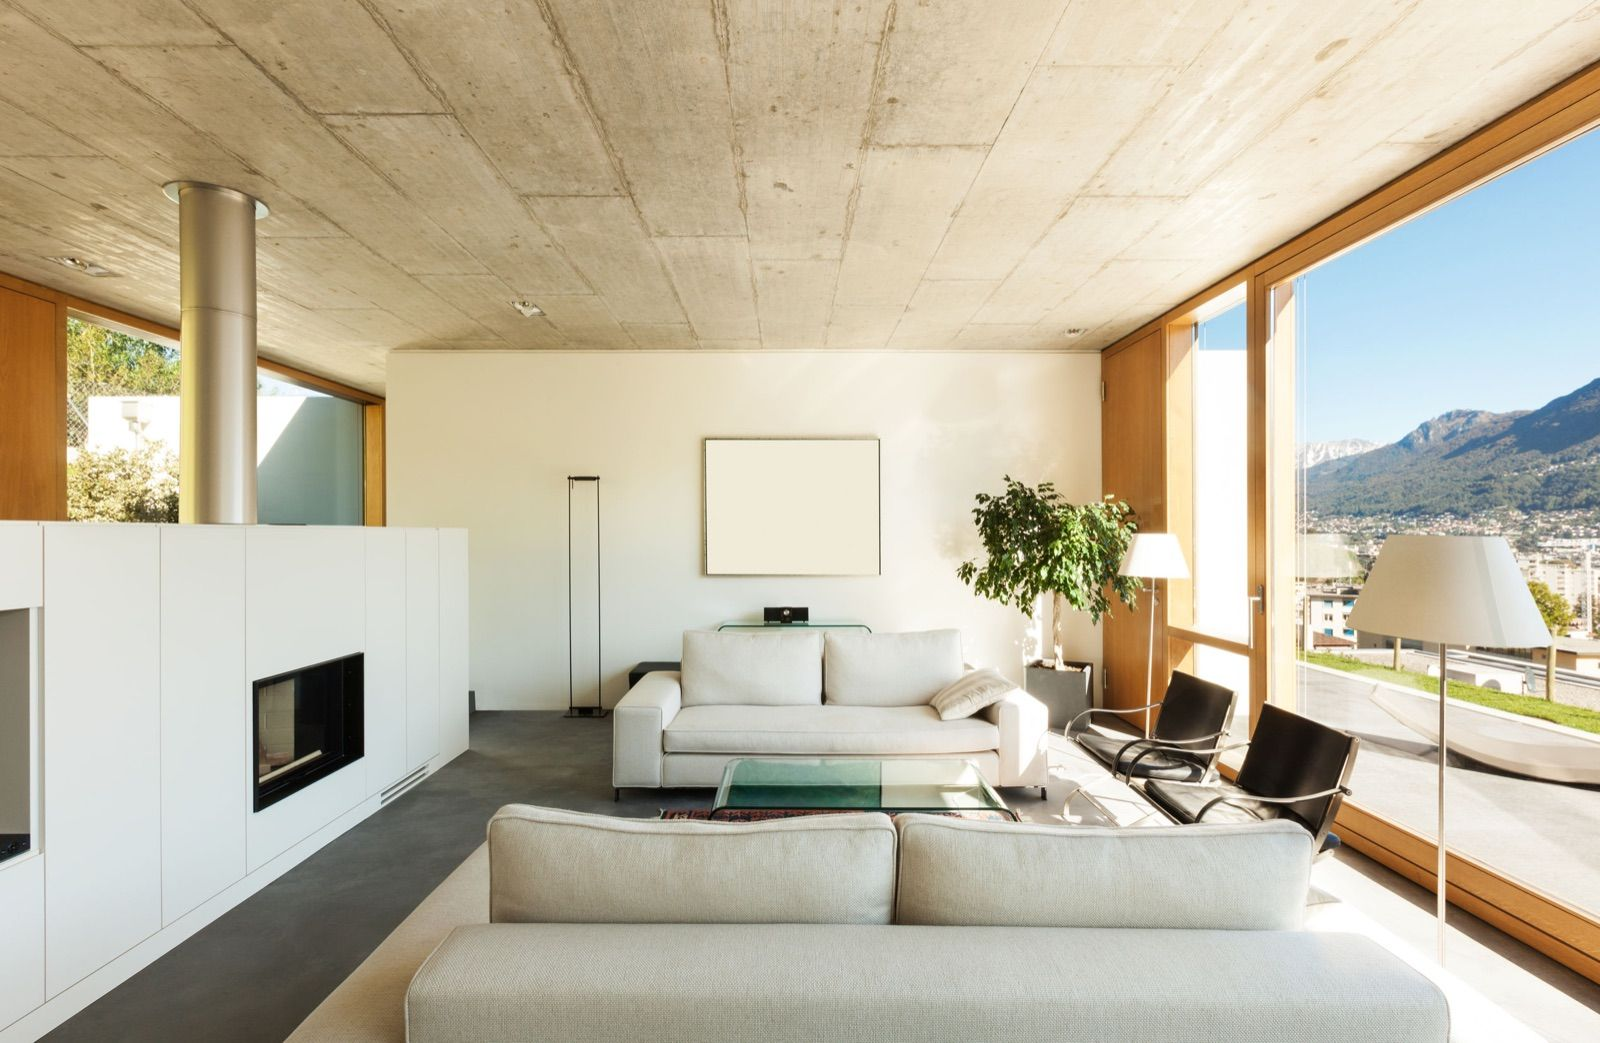 Tlocrt kuće: optimalan raspored prostorija